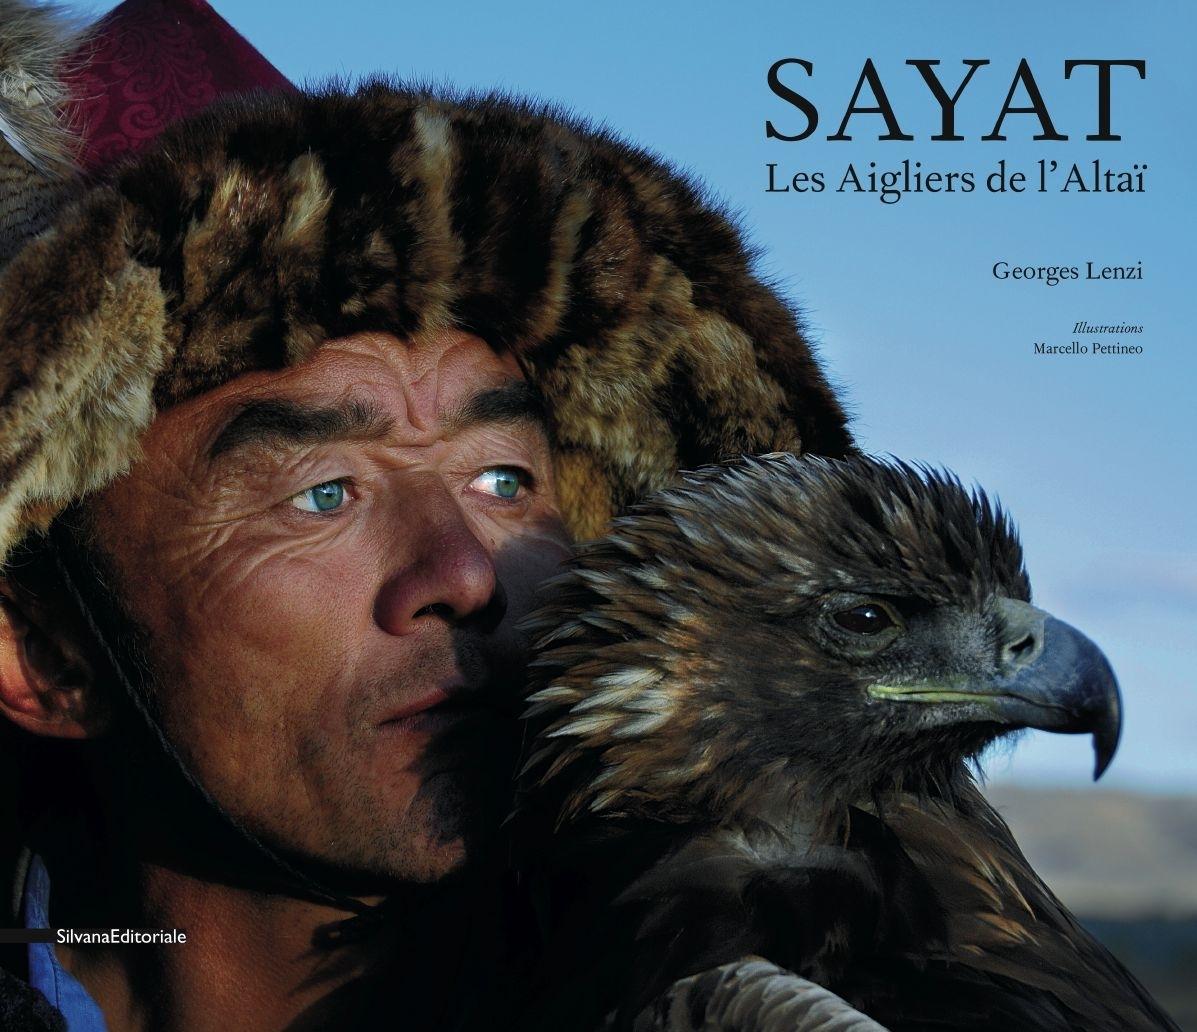 SAYAT LES AIGLIERS DE L'ALTAI